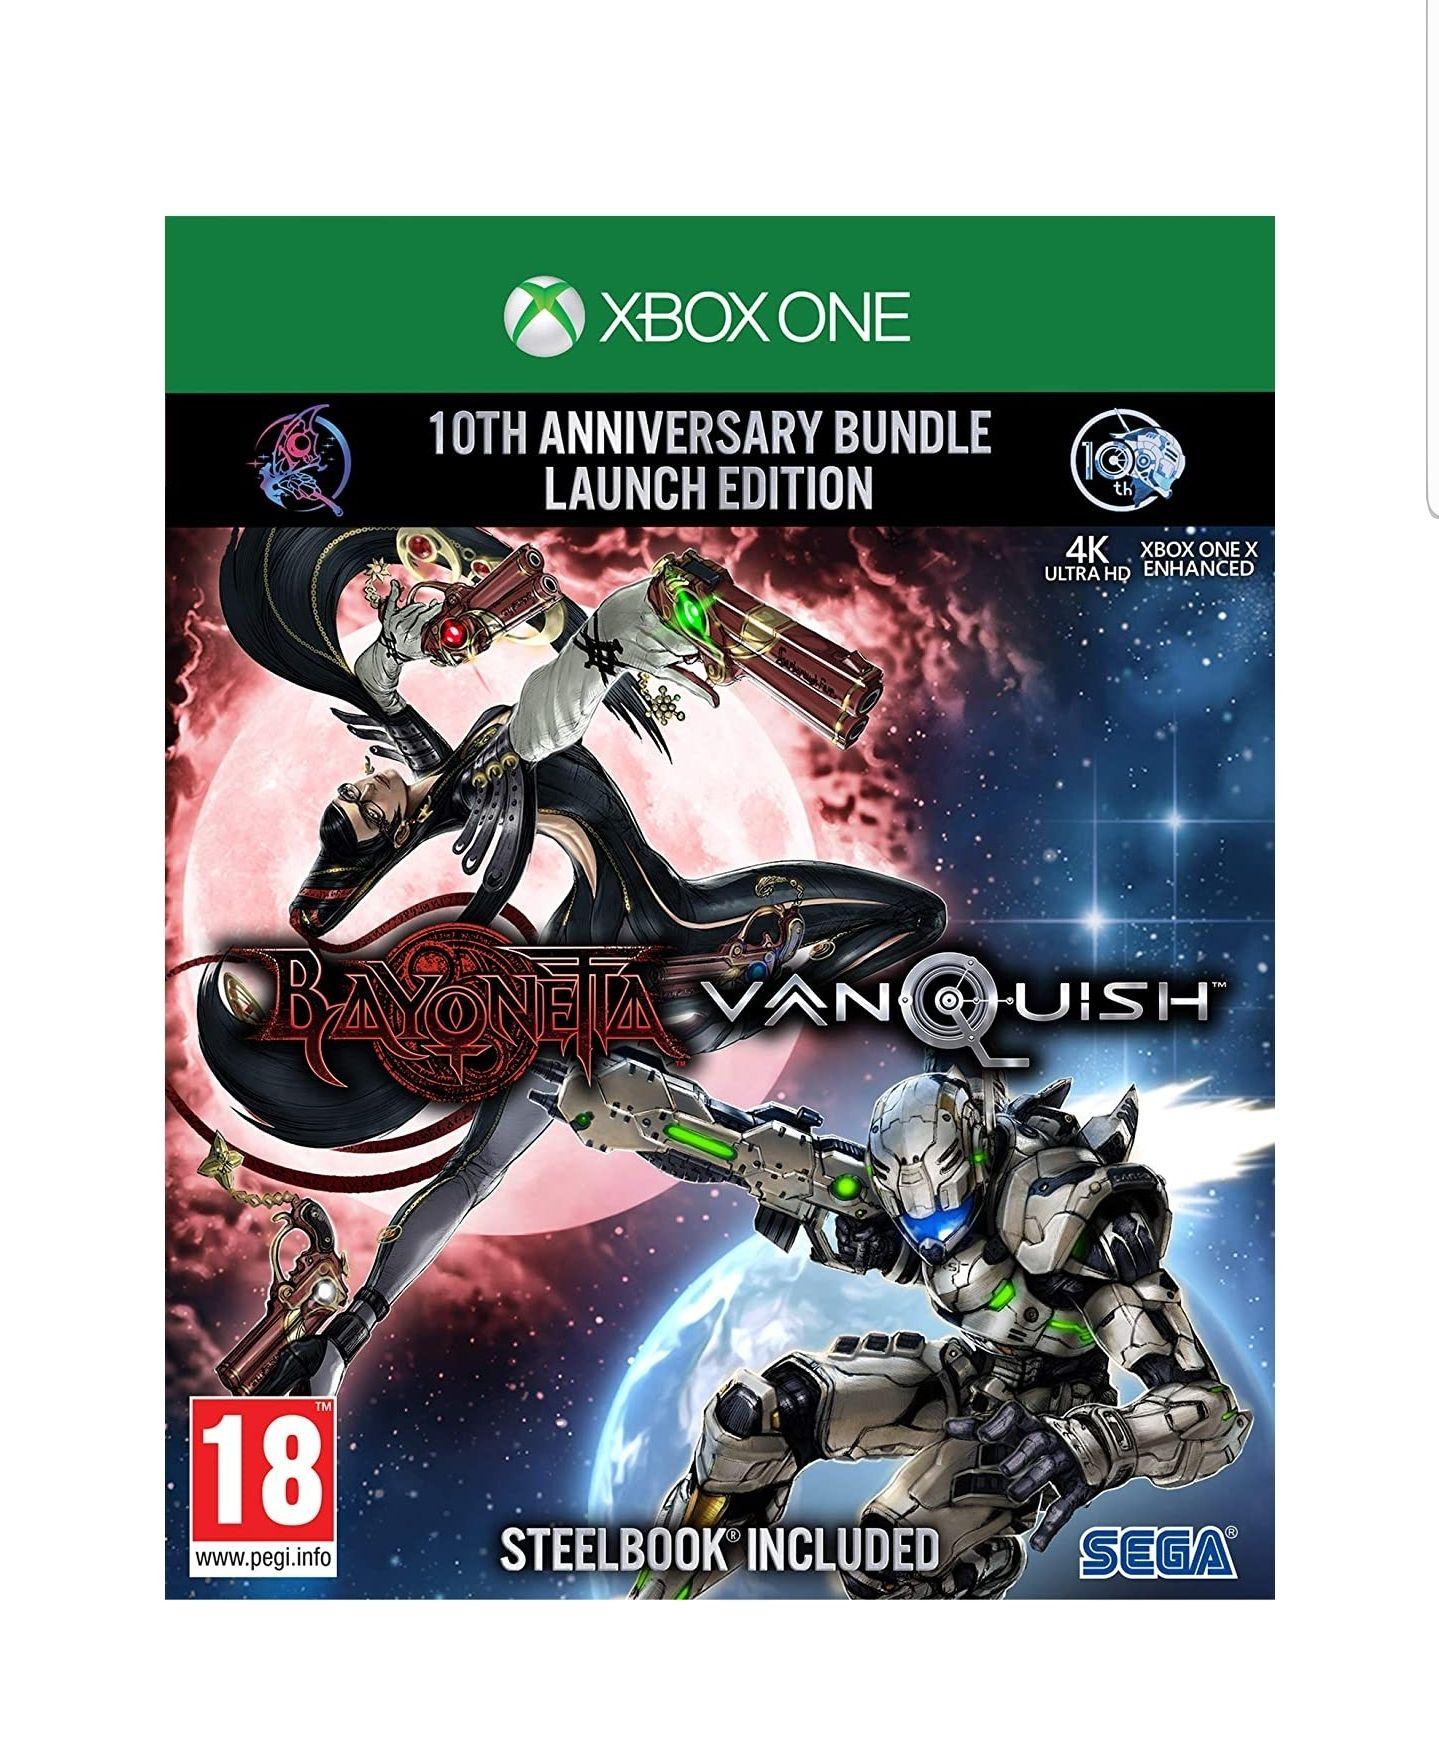 Bayonetta & Vanquish 10th Anniversary Bundle (Xbox One) £11.61 Amazon Prime / £14.60 Non Prime @ Amazon